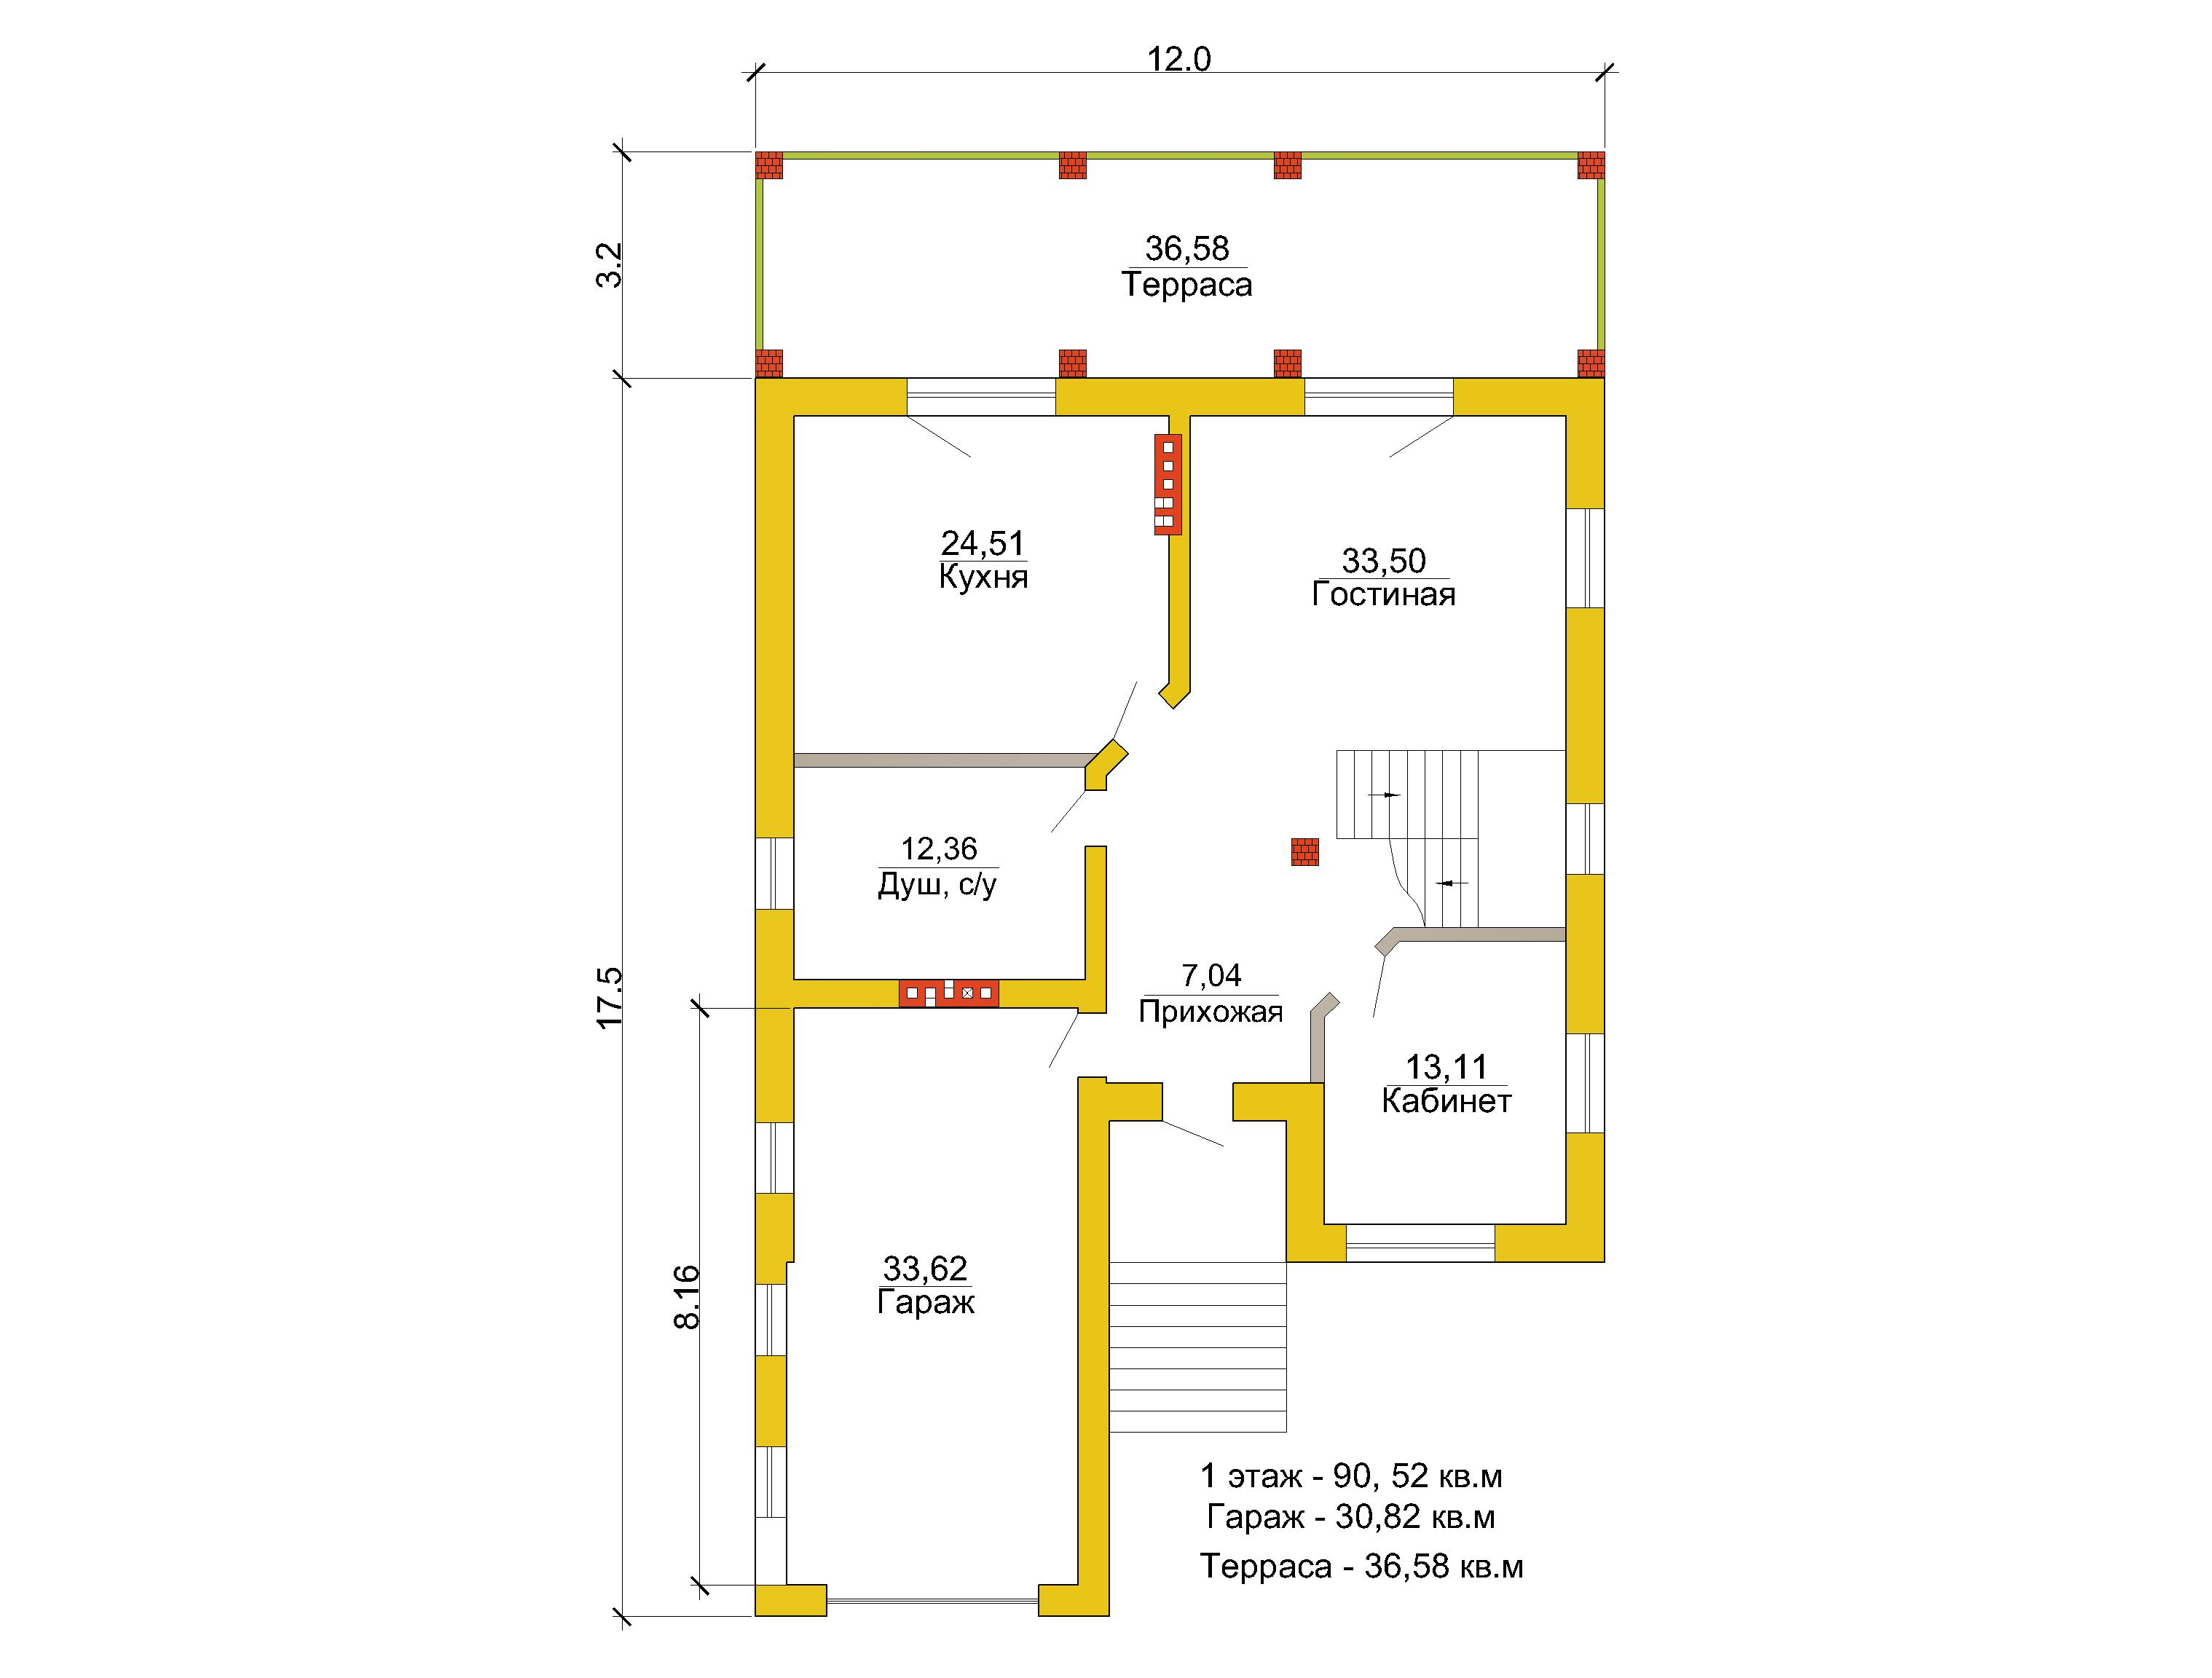 Готовый проект коттеджа 286 кв. м / Артикул LA-127 план